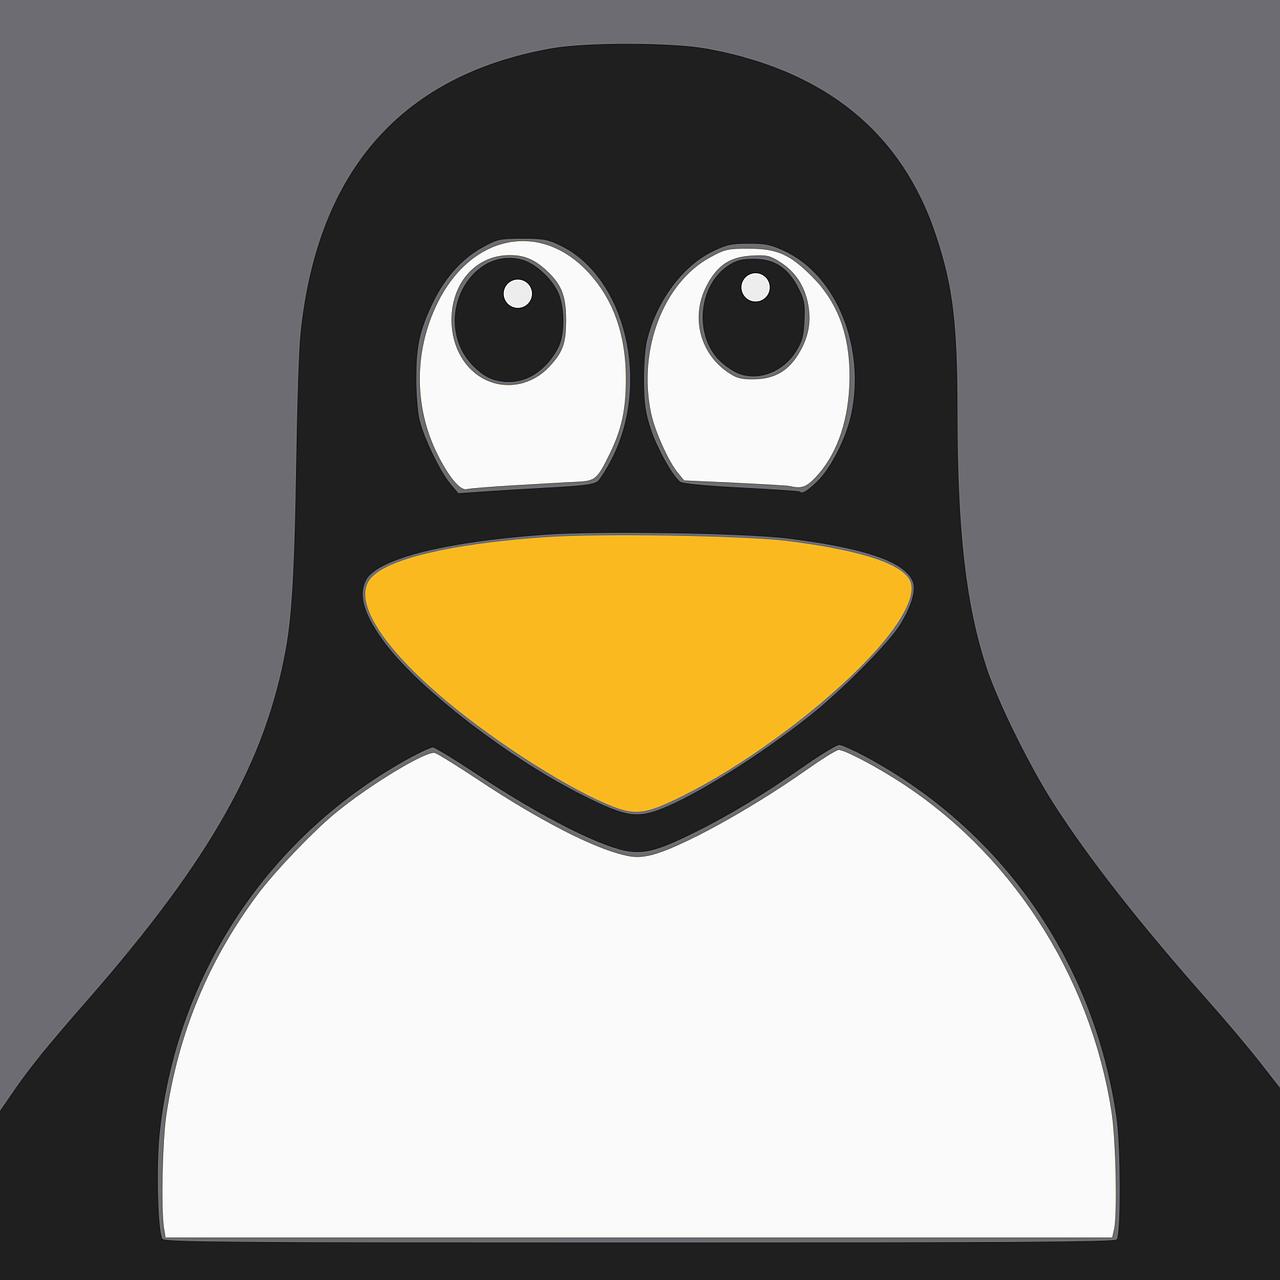 картинки на аву для стима пингвин